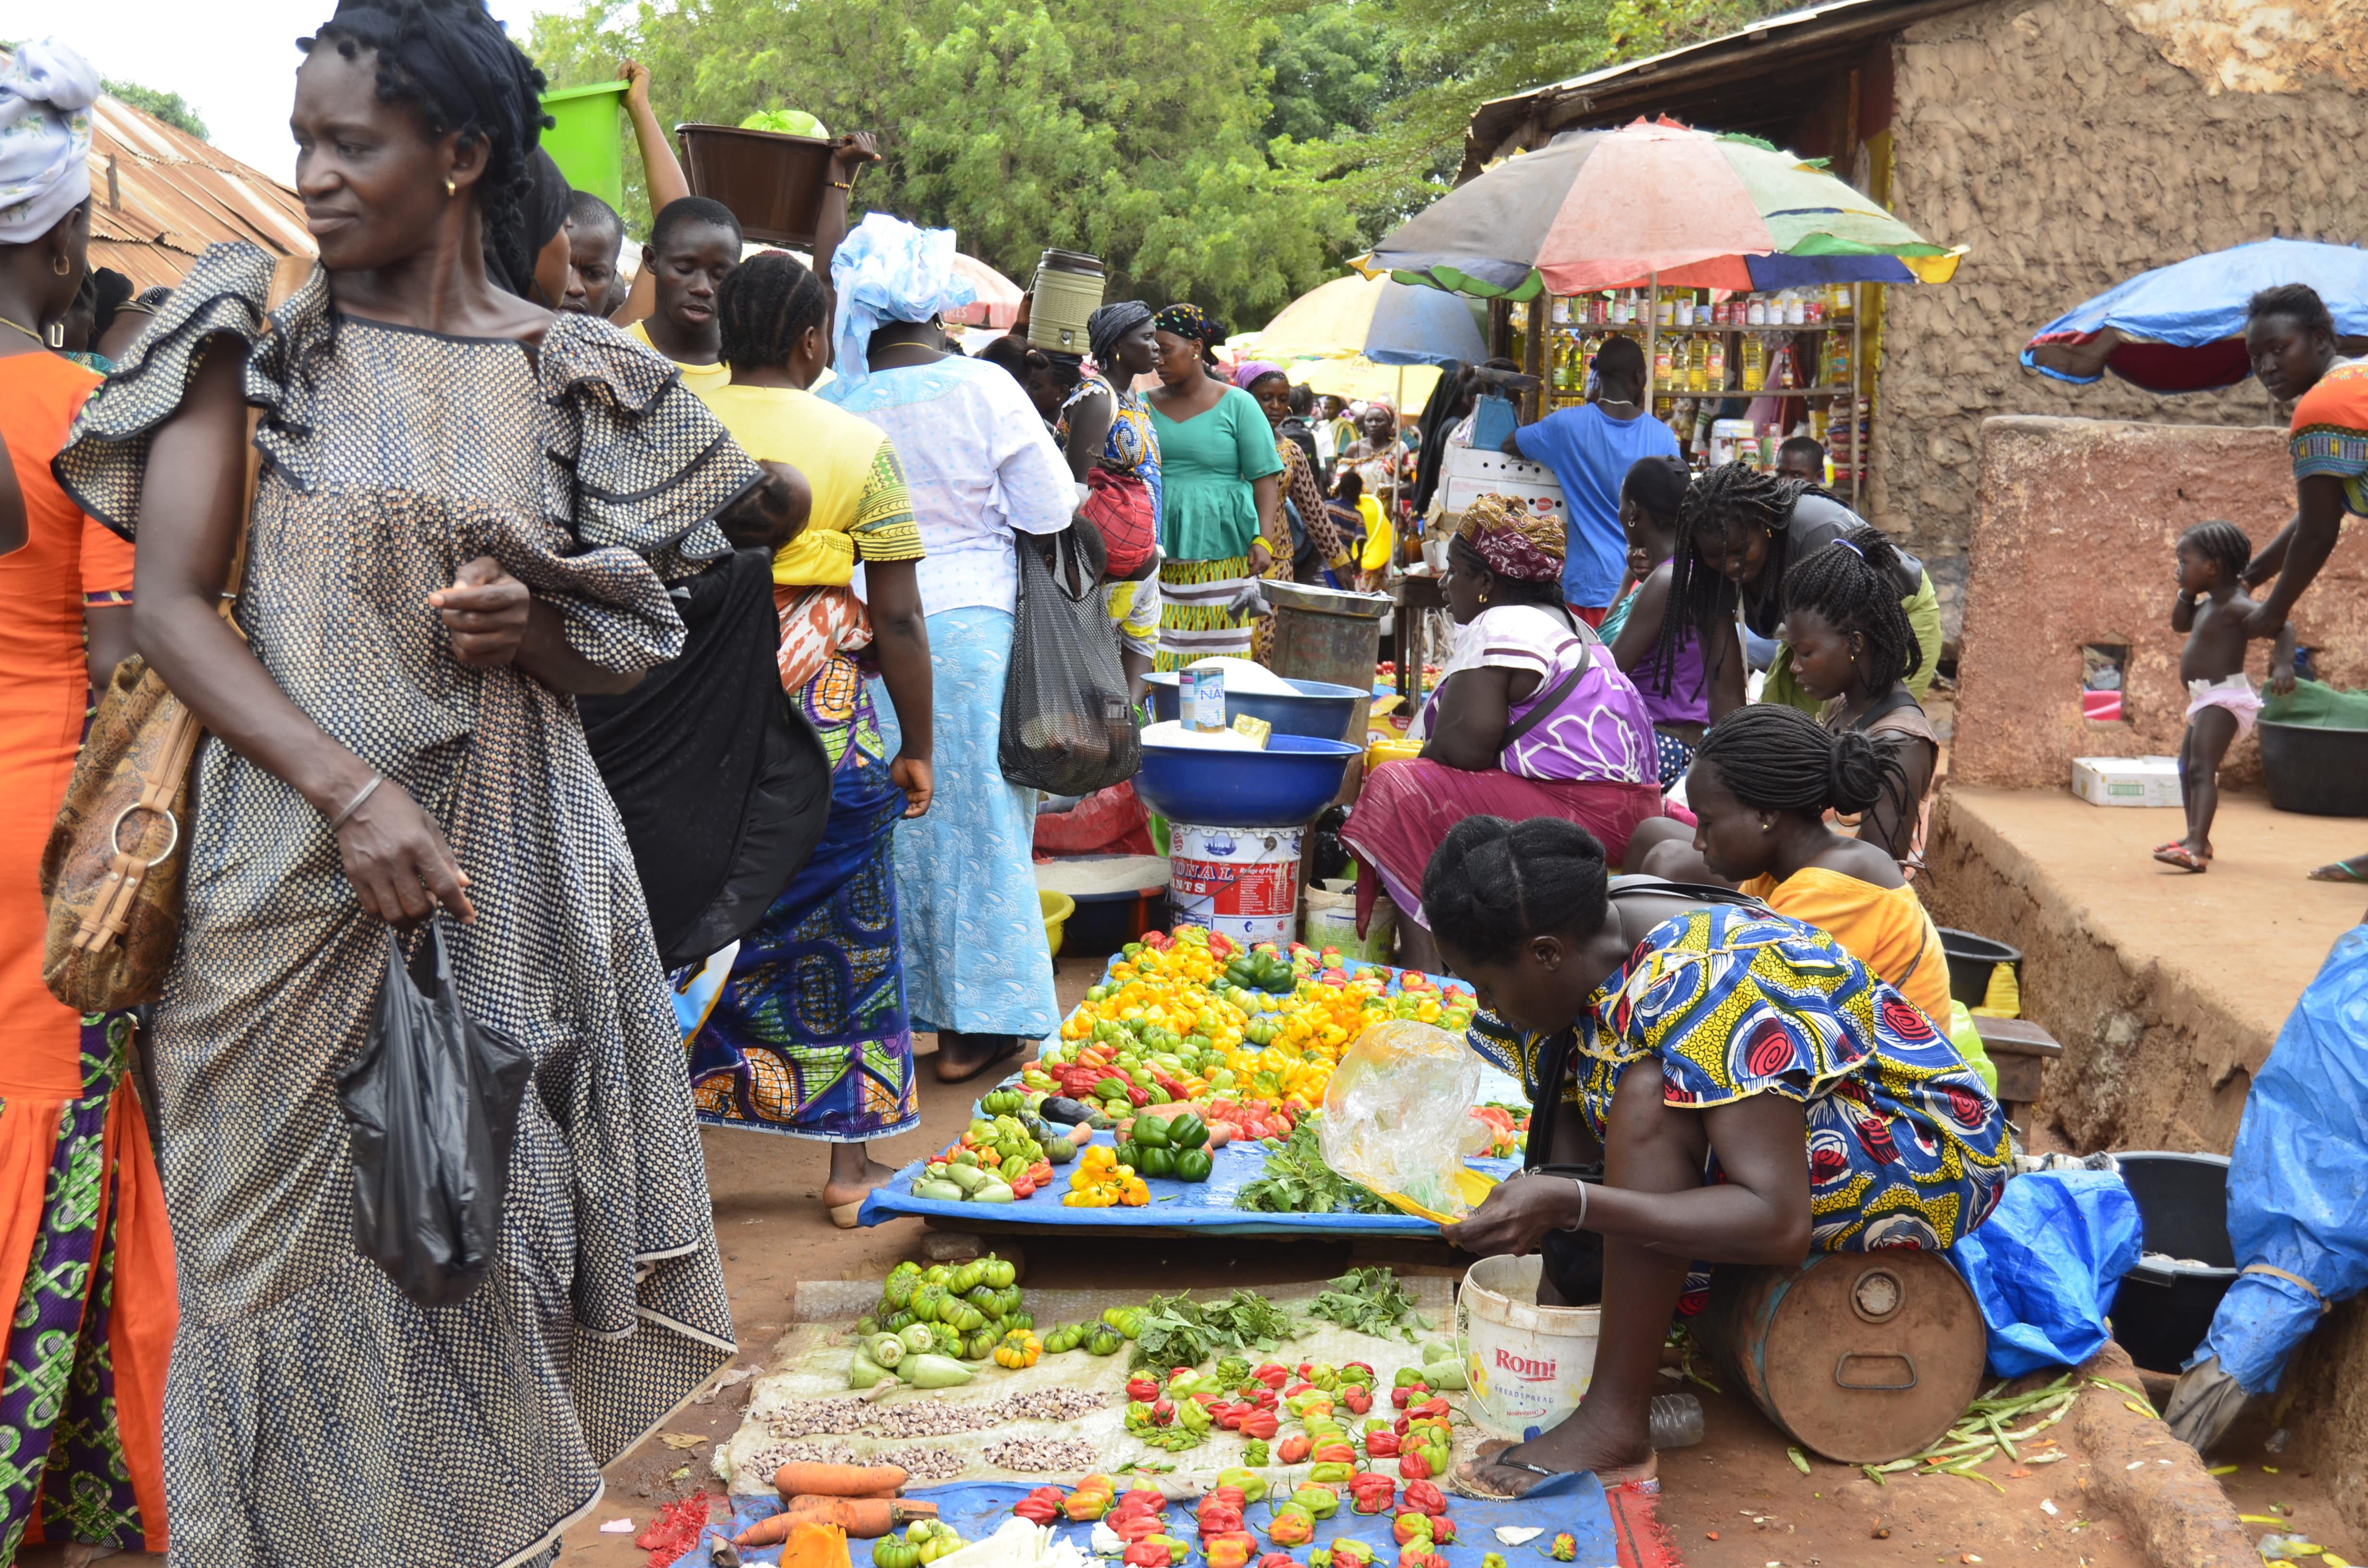 Aspecto do mercado de Cacheu, com mulheres a vender produtos no chão